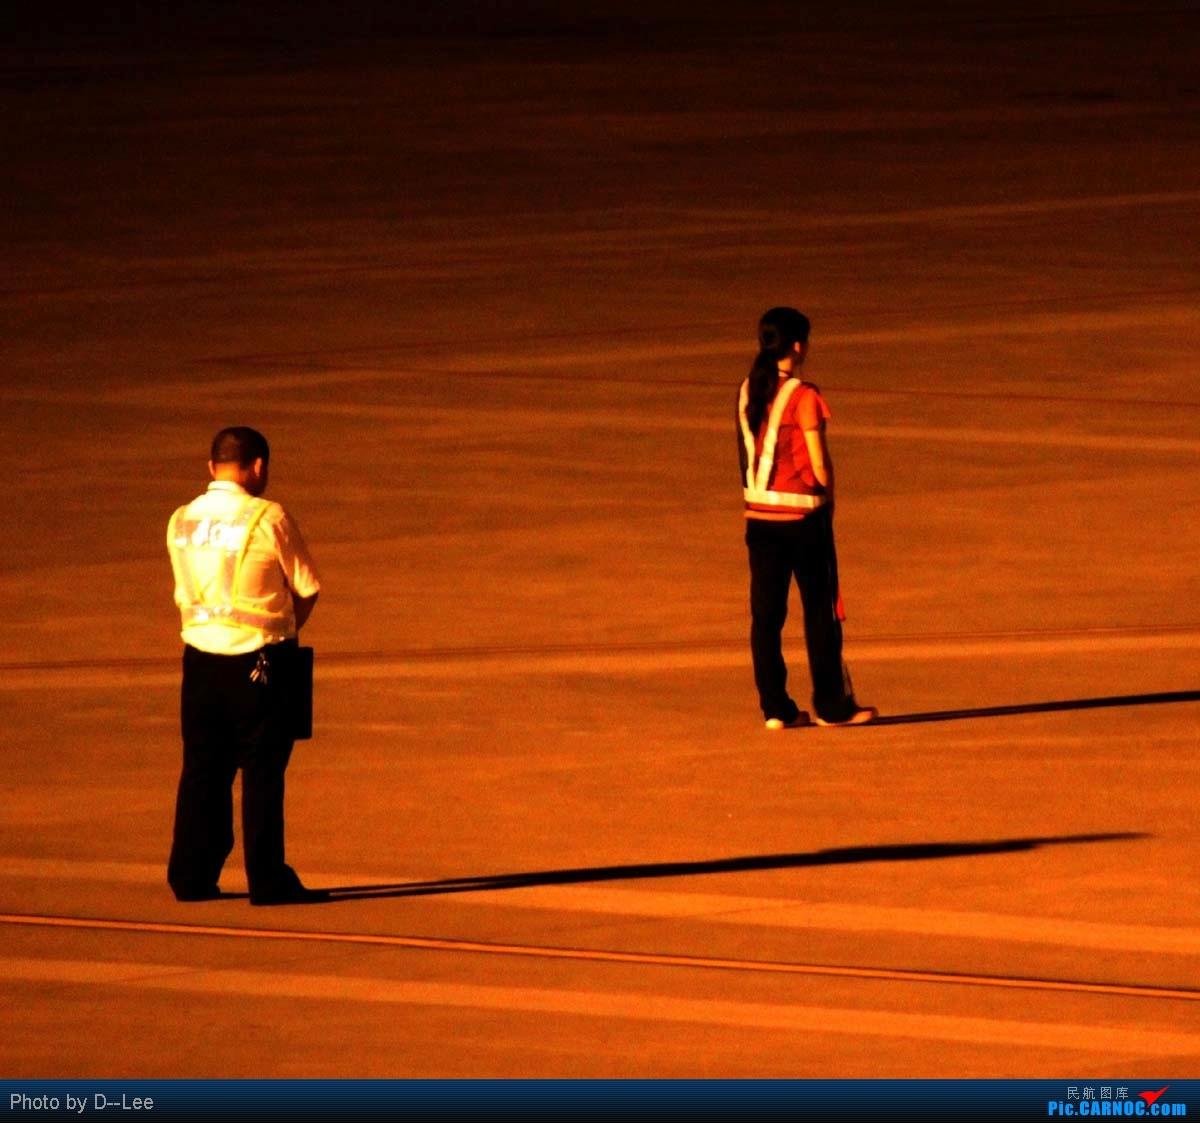 Re:[原创]【广州,你好】-精彩的DYG夜景回程游记整理好了,分享一下